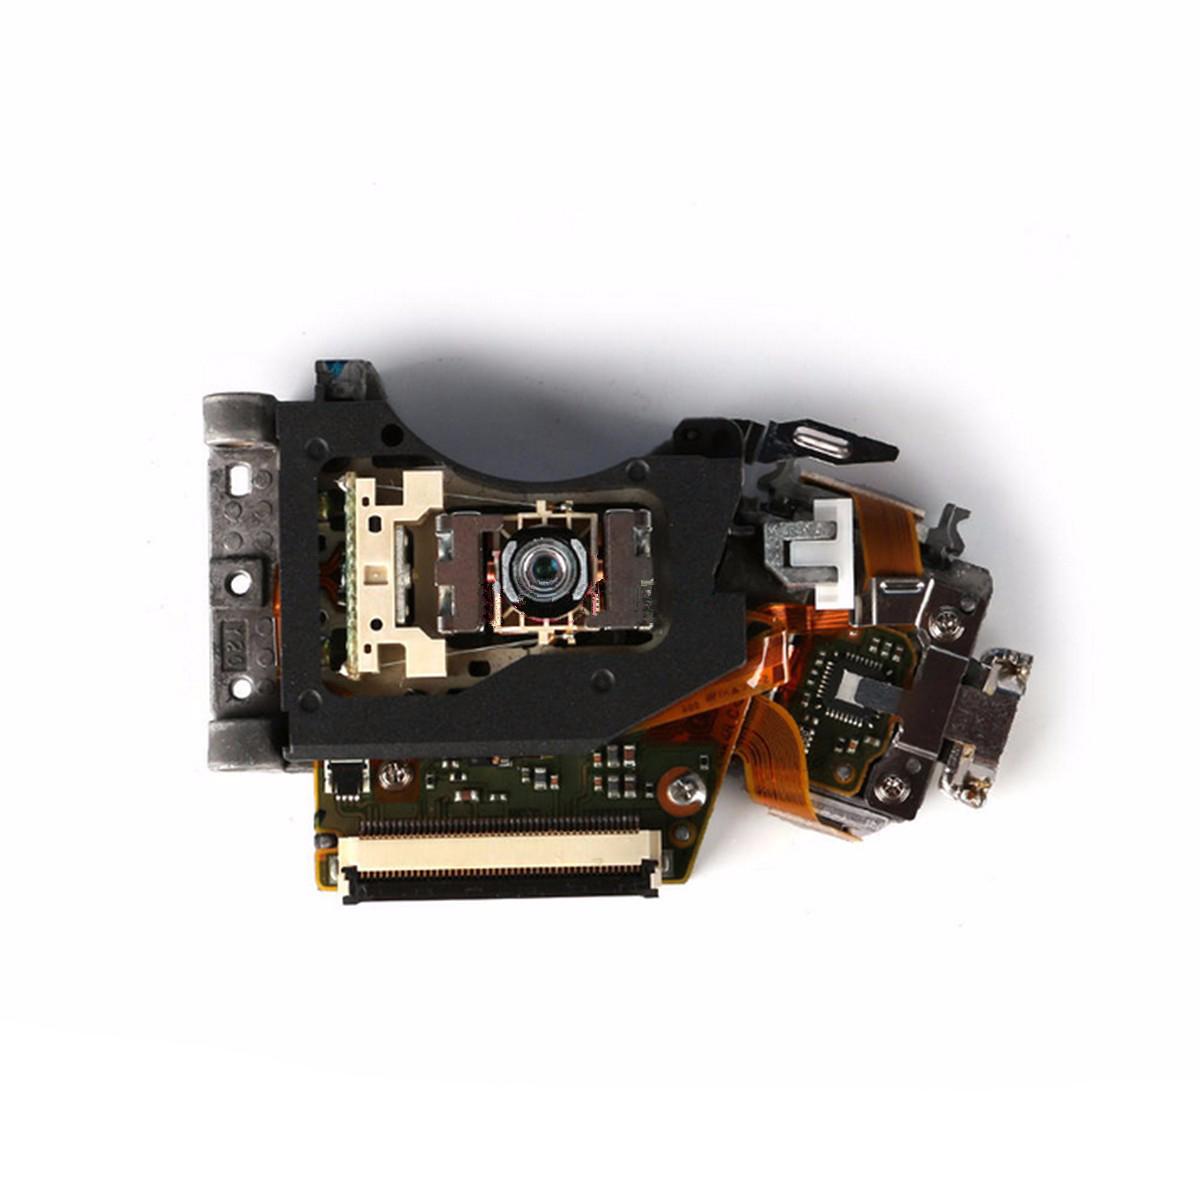 Laser Lens For Sony PS3 KES-400A KEM-400AAA CECHE01 CEC